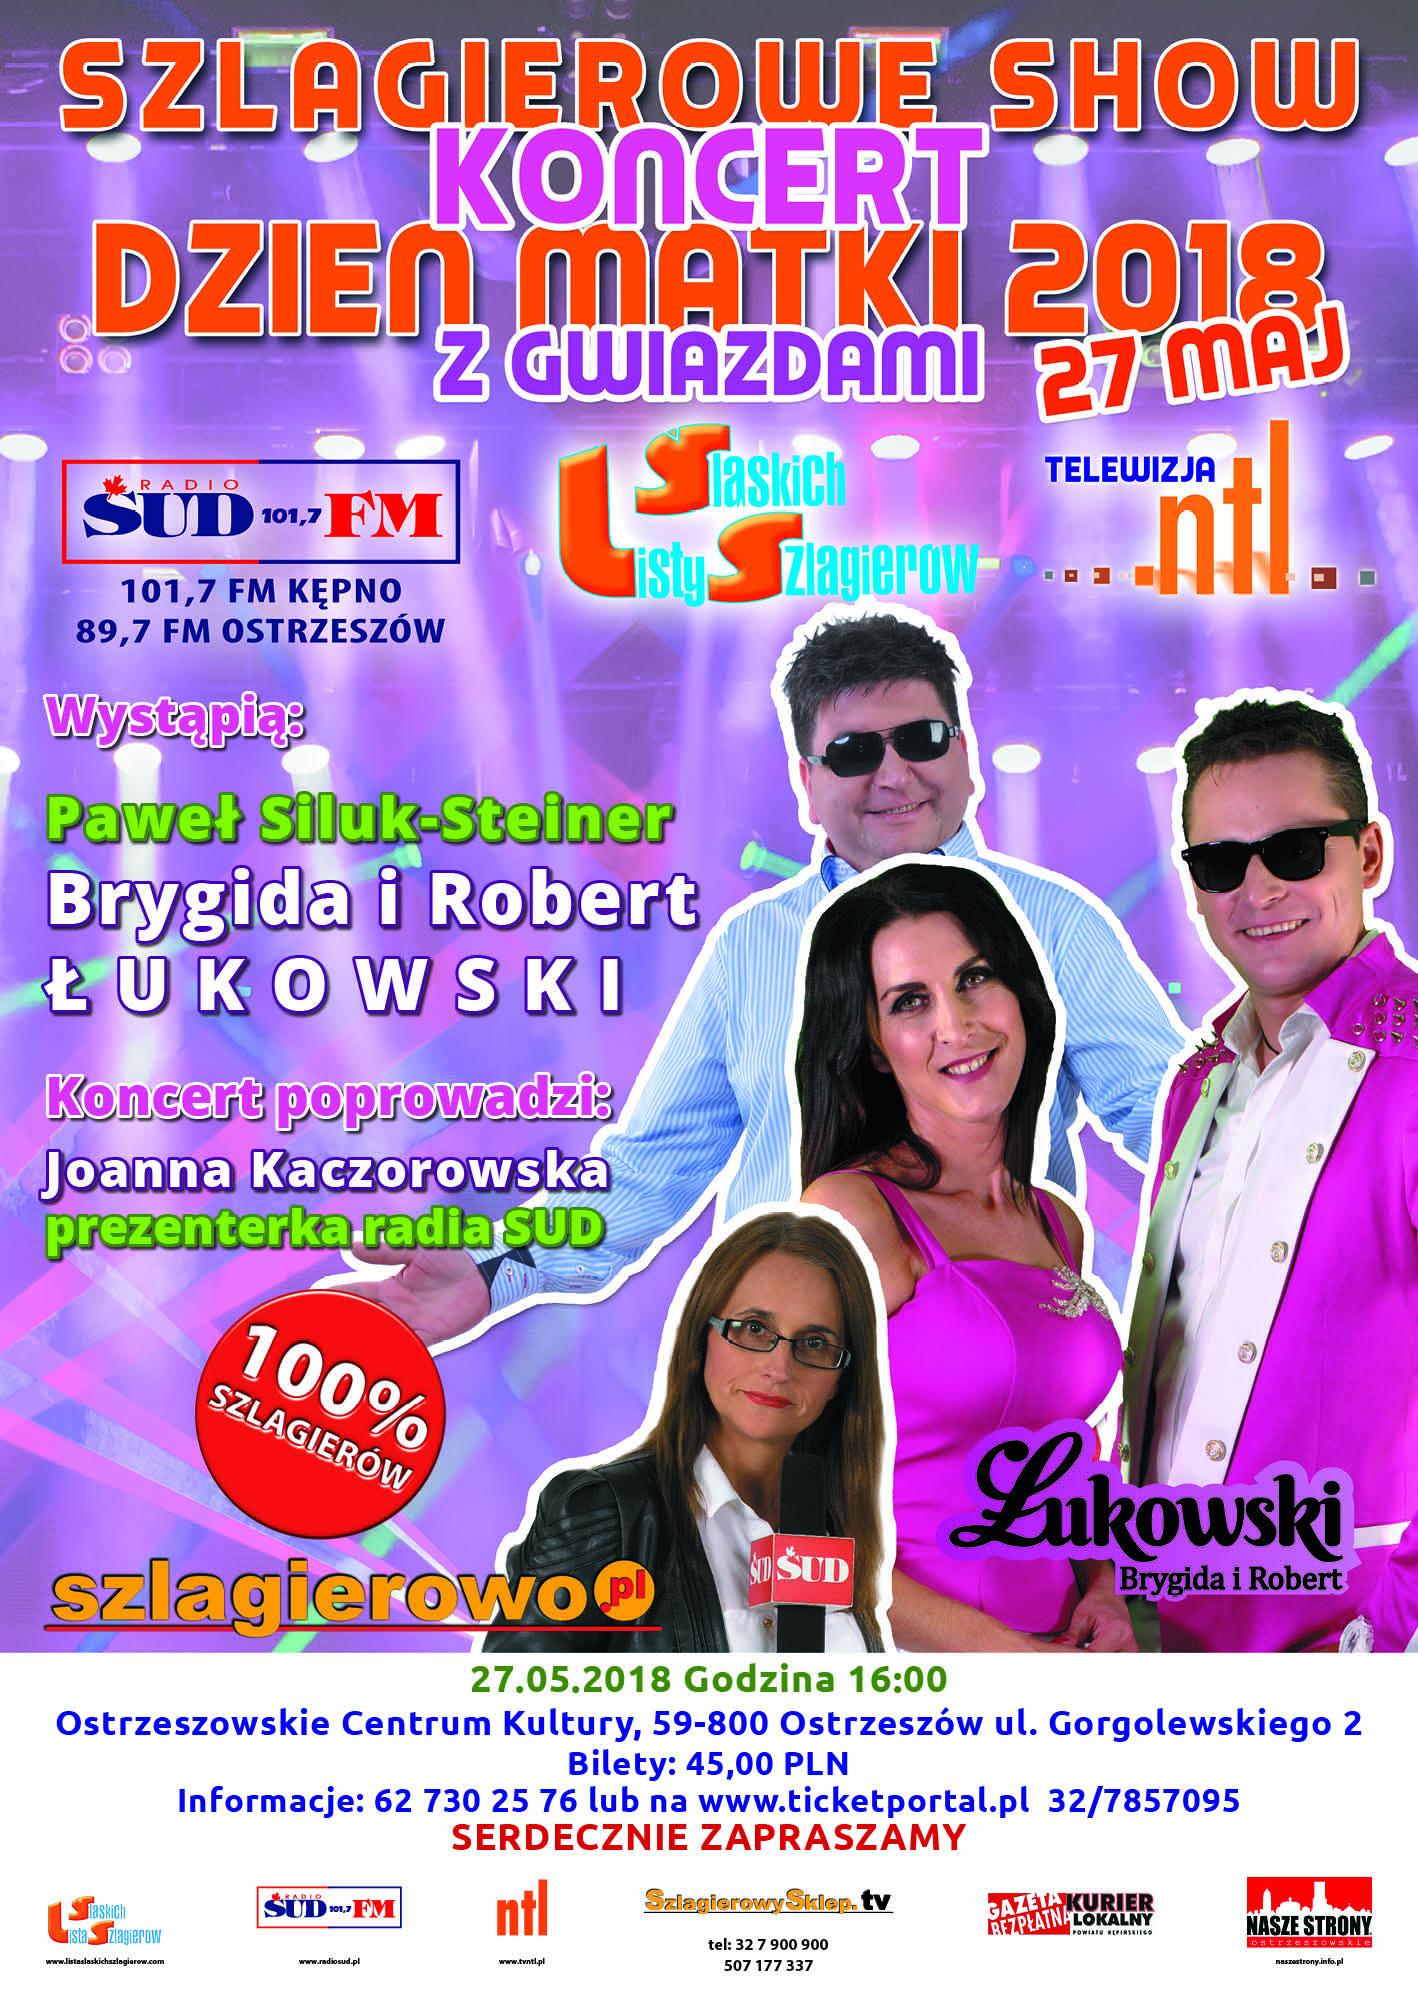 http://files.clickweb.home.pl/0b/27/0b275a87-32ca-4a3c-9ebd-475e17b85f82.jpg